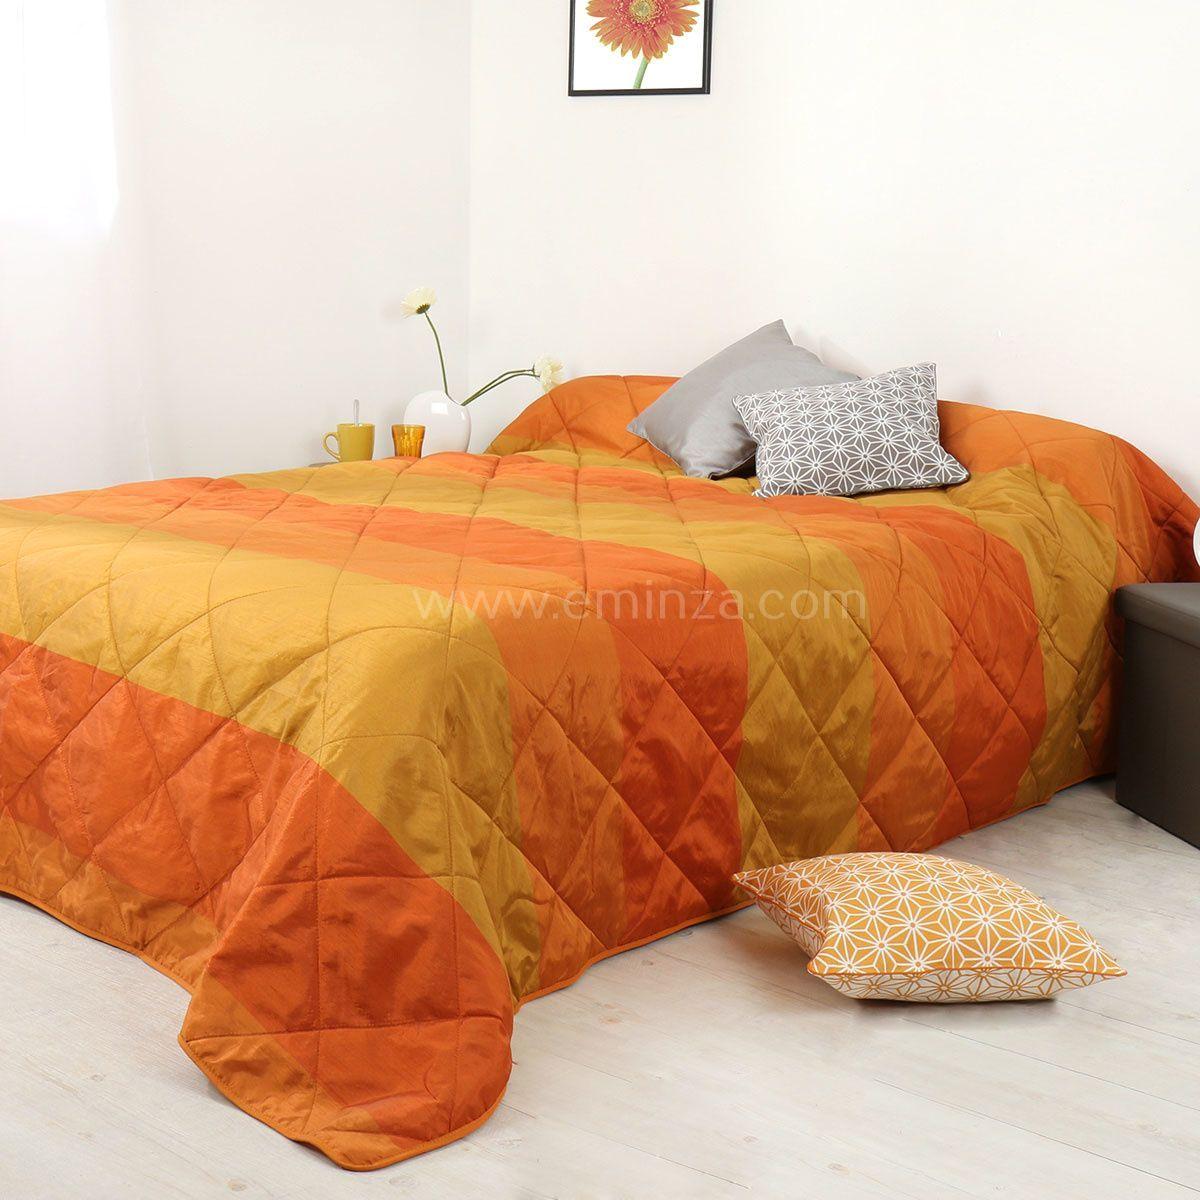 couvre lit 230 x 250 cm bergame orange couvre lit boutis eminza. Black Bedroom Furniture Sets. Home Design Ideas